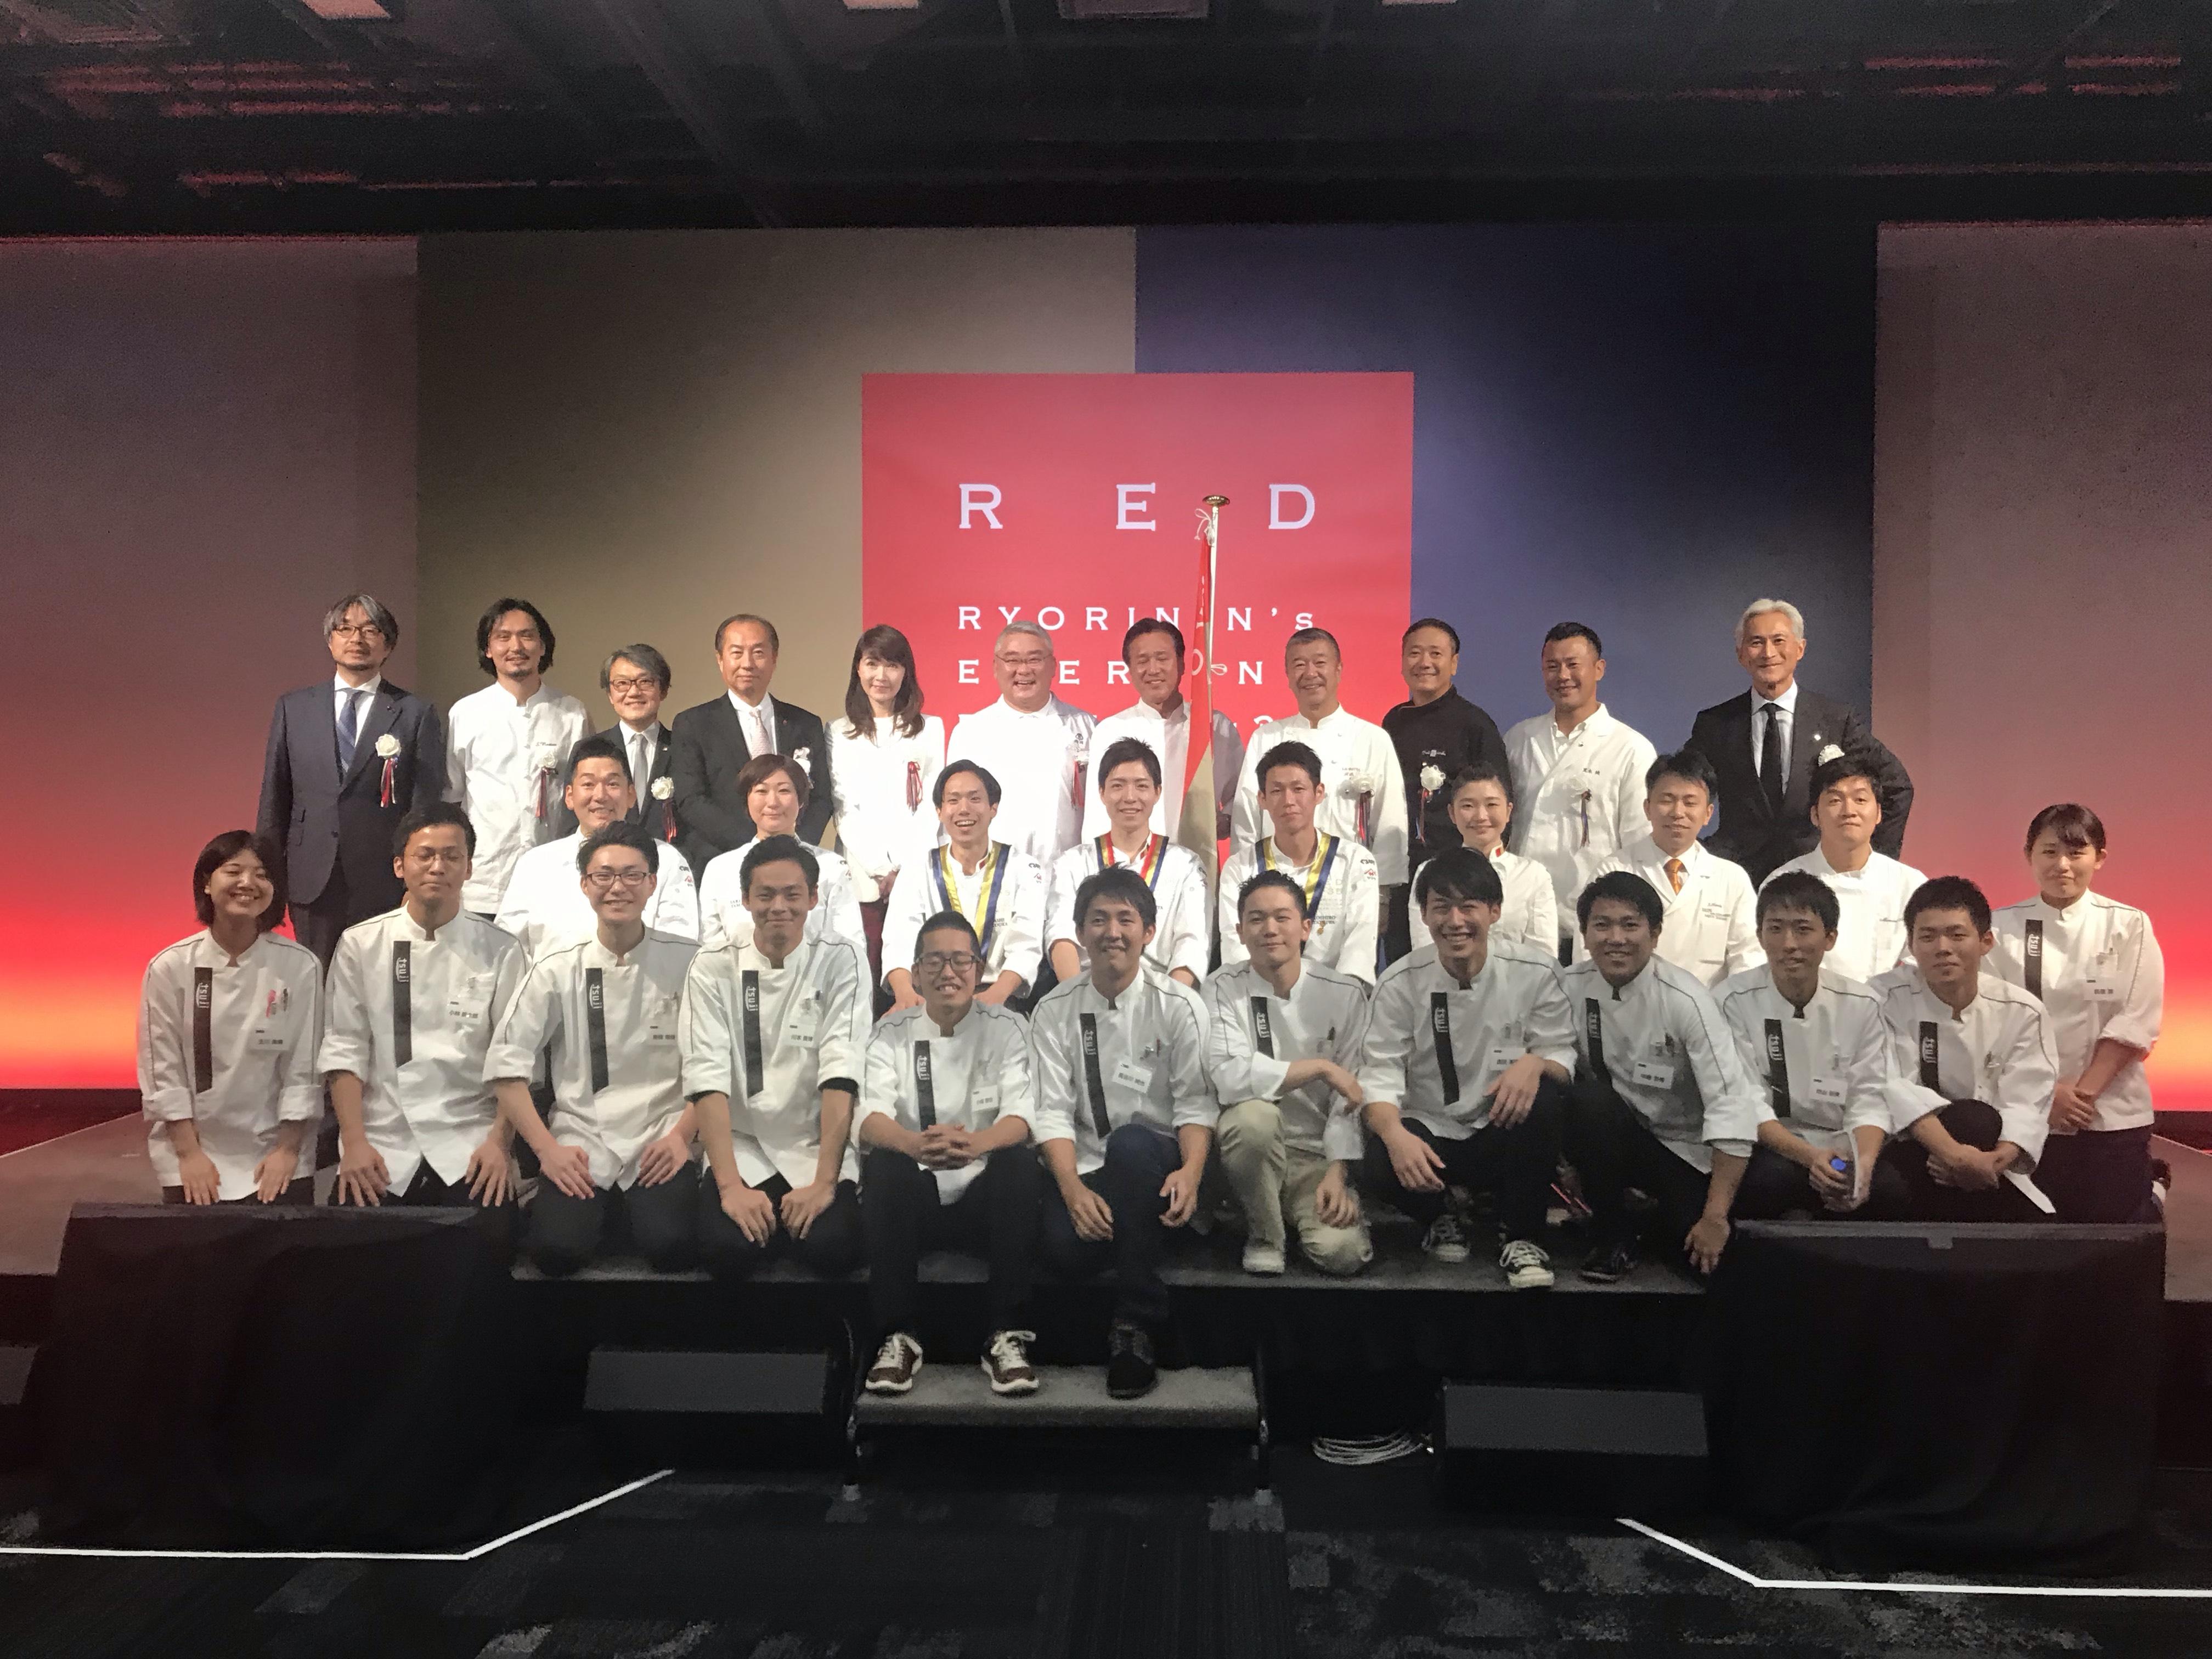 「RED U-35」最終審査にエコール 辻 東京の学生が参加 & グランプリは卒業生の糸井章太さん!